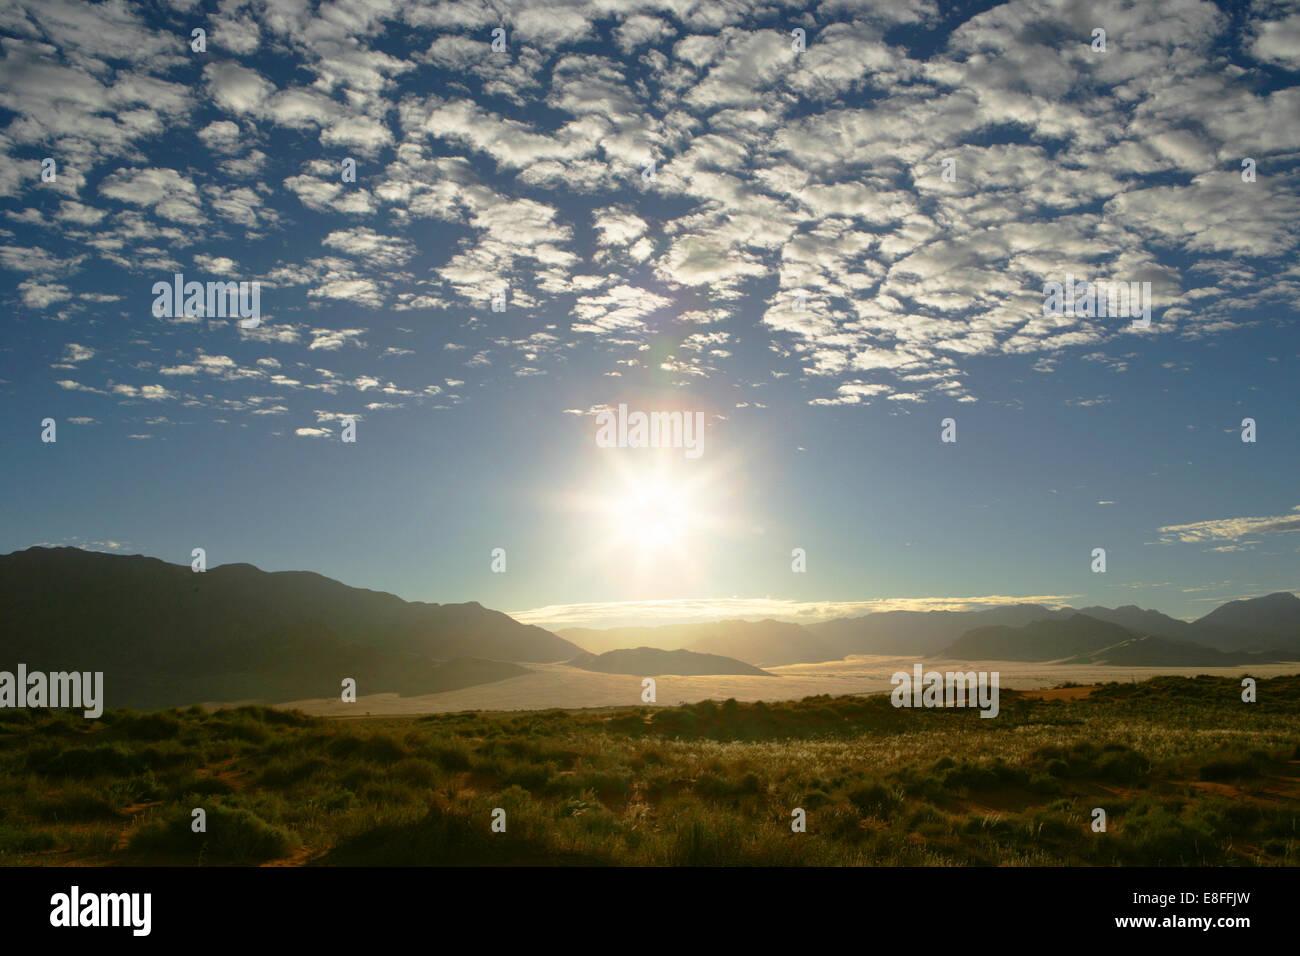 Paysage de montagne et désert au coucher du soleil, namib-naukluft national park, Namibie Photo Stock